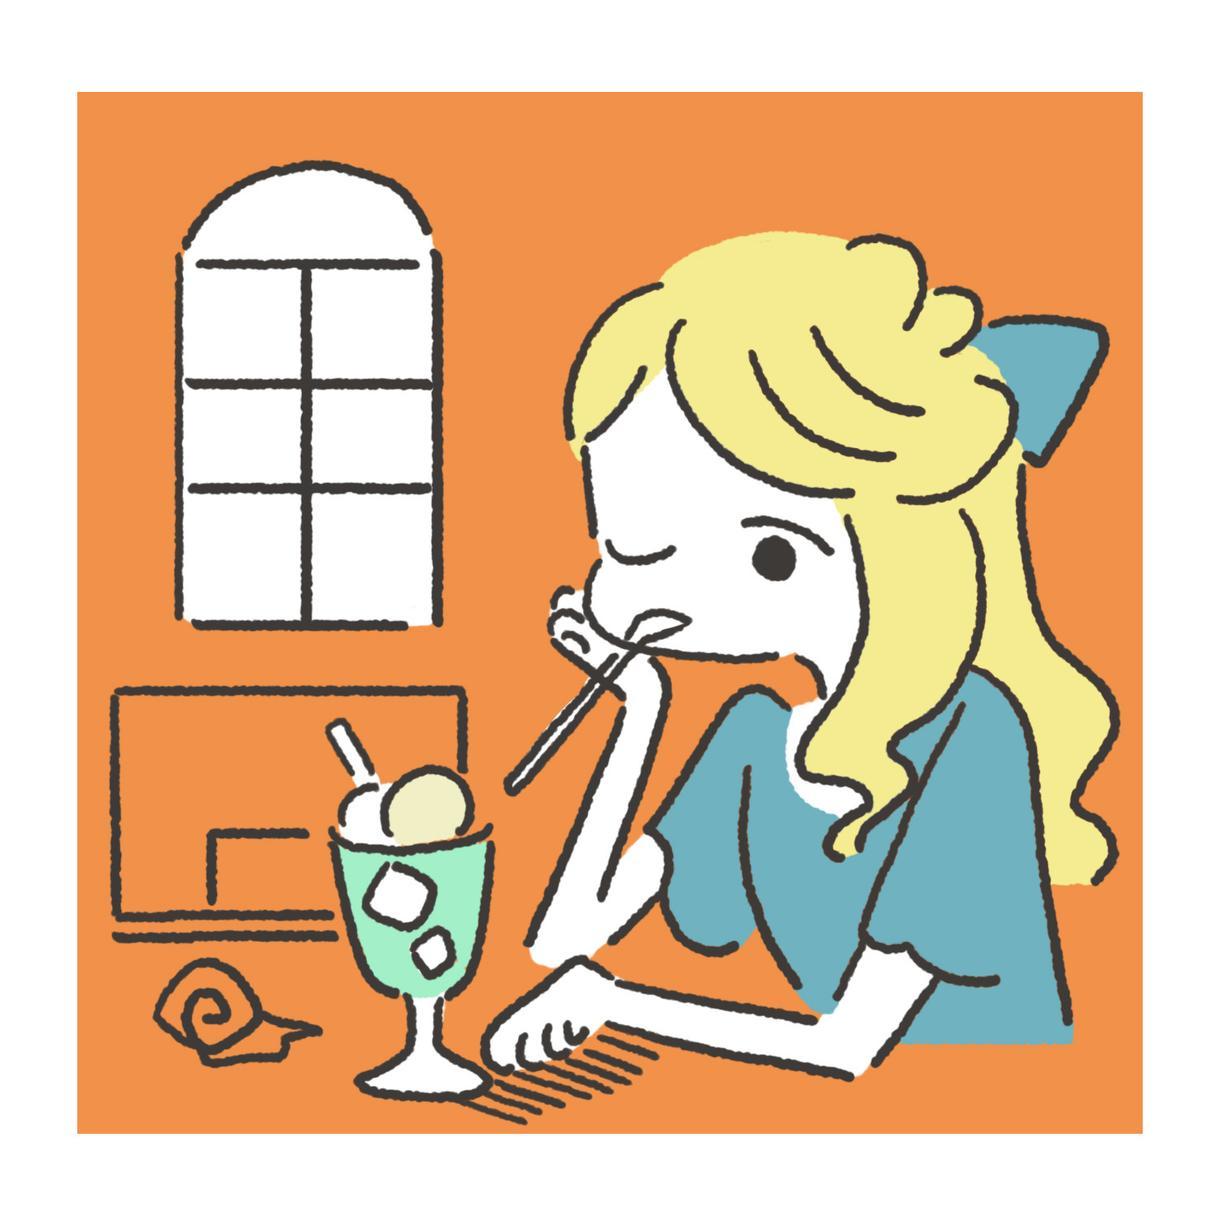 ゆるっとしたキャラクターのイラストを描きます 似顔絵やアイコン、雑誌等の挿絵などのイラストを承ります。